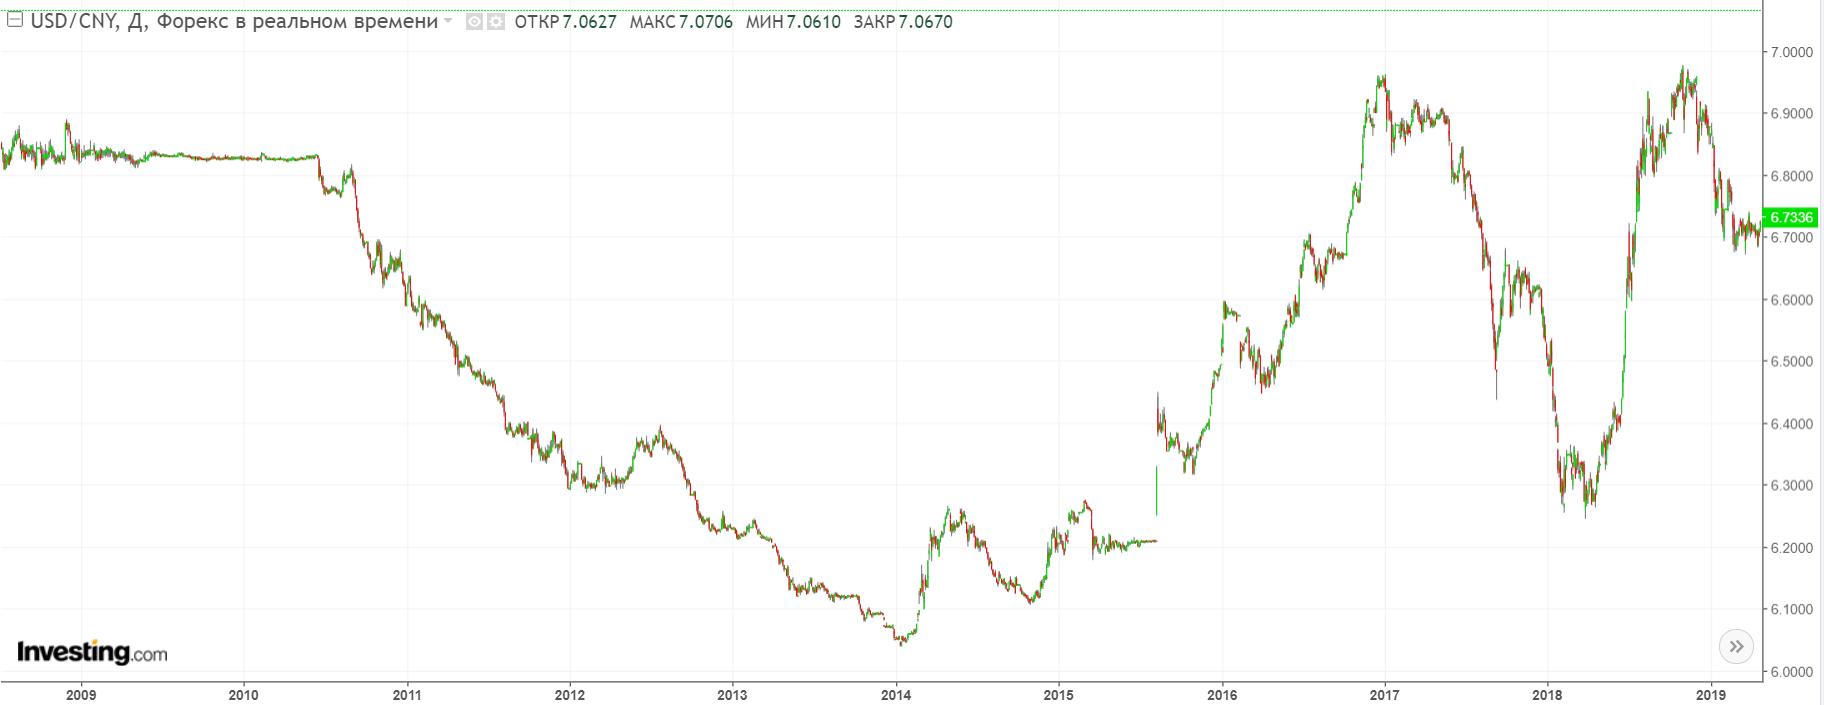 Мнение: торговая война между Китаем и США позволит bitcoin победить фиат